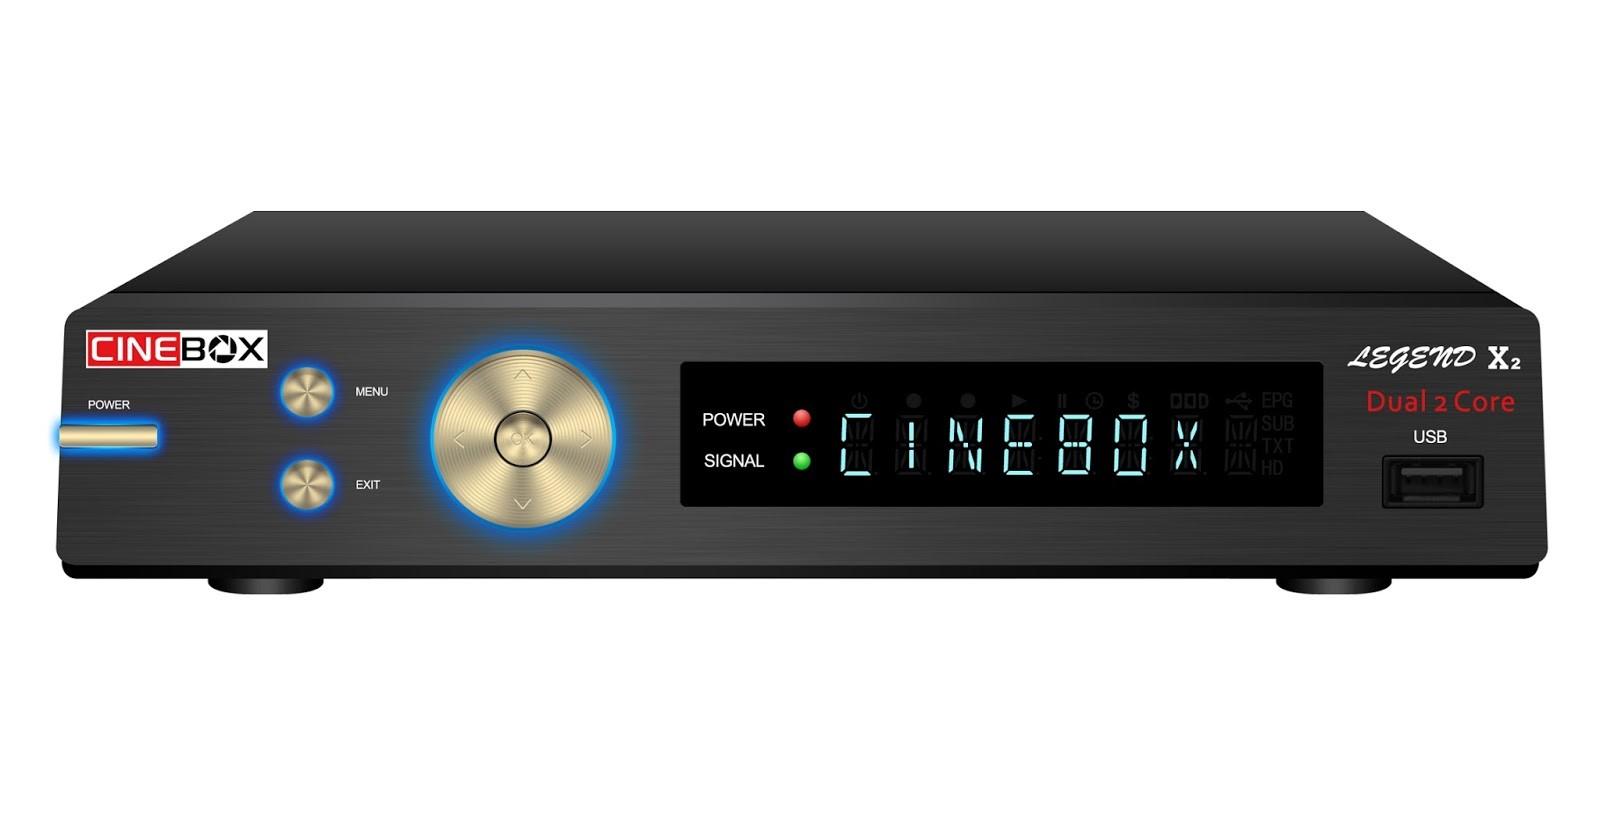 Cinebox legend x2 Nova Atualização - 29 outubro 2018